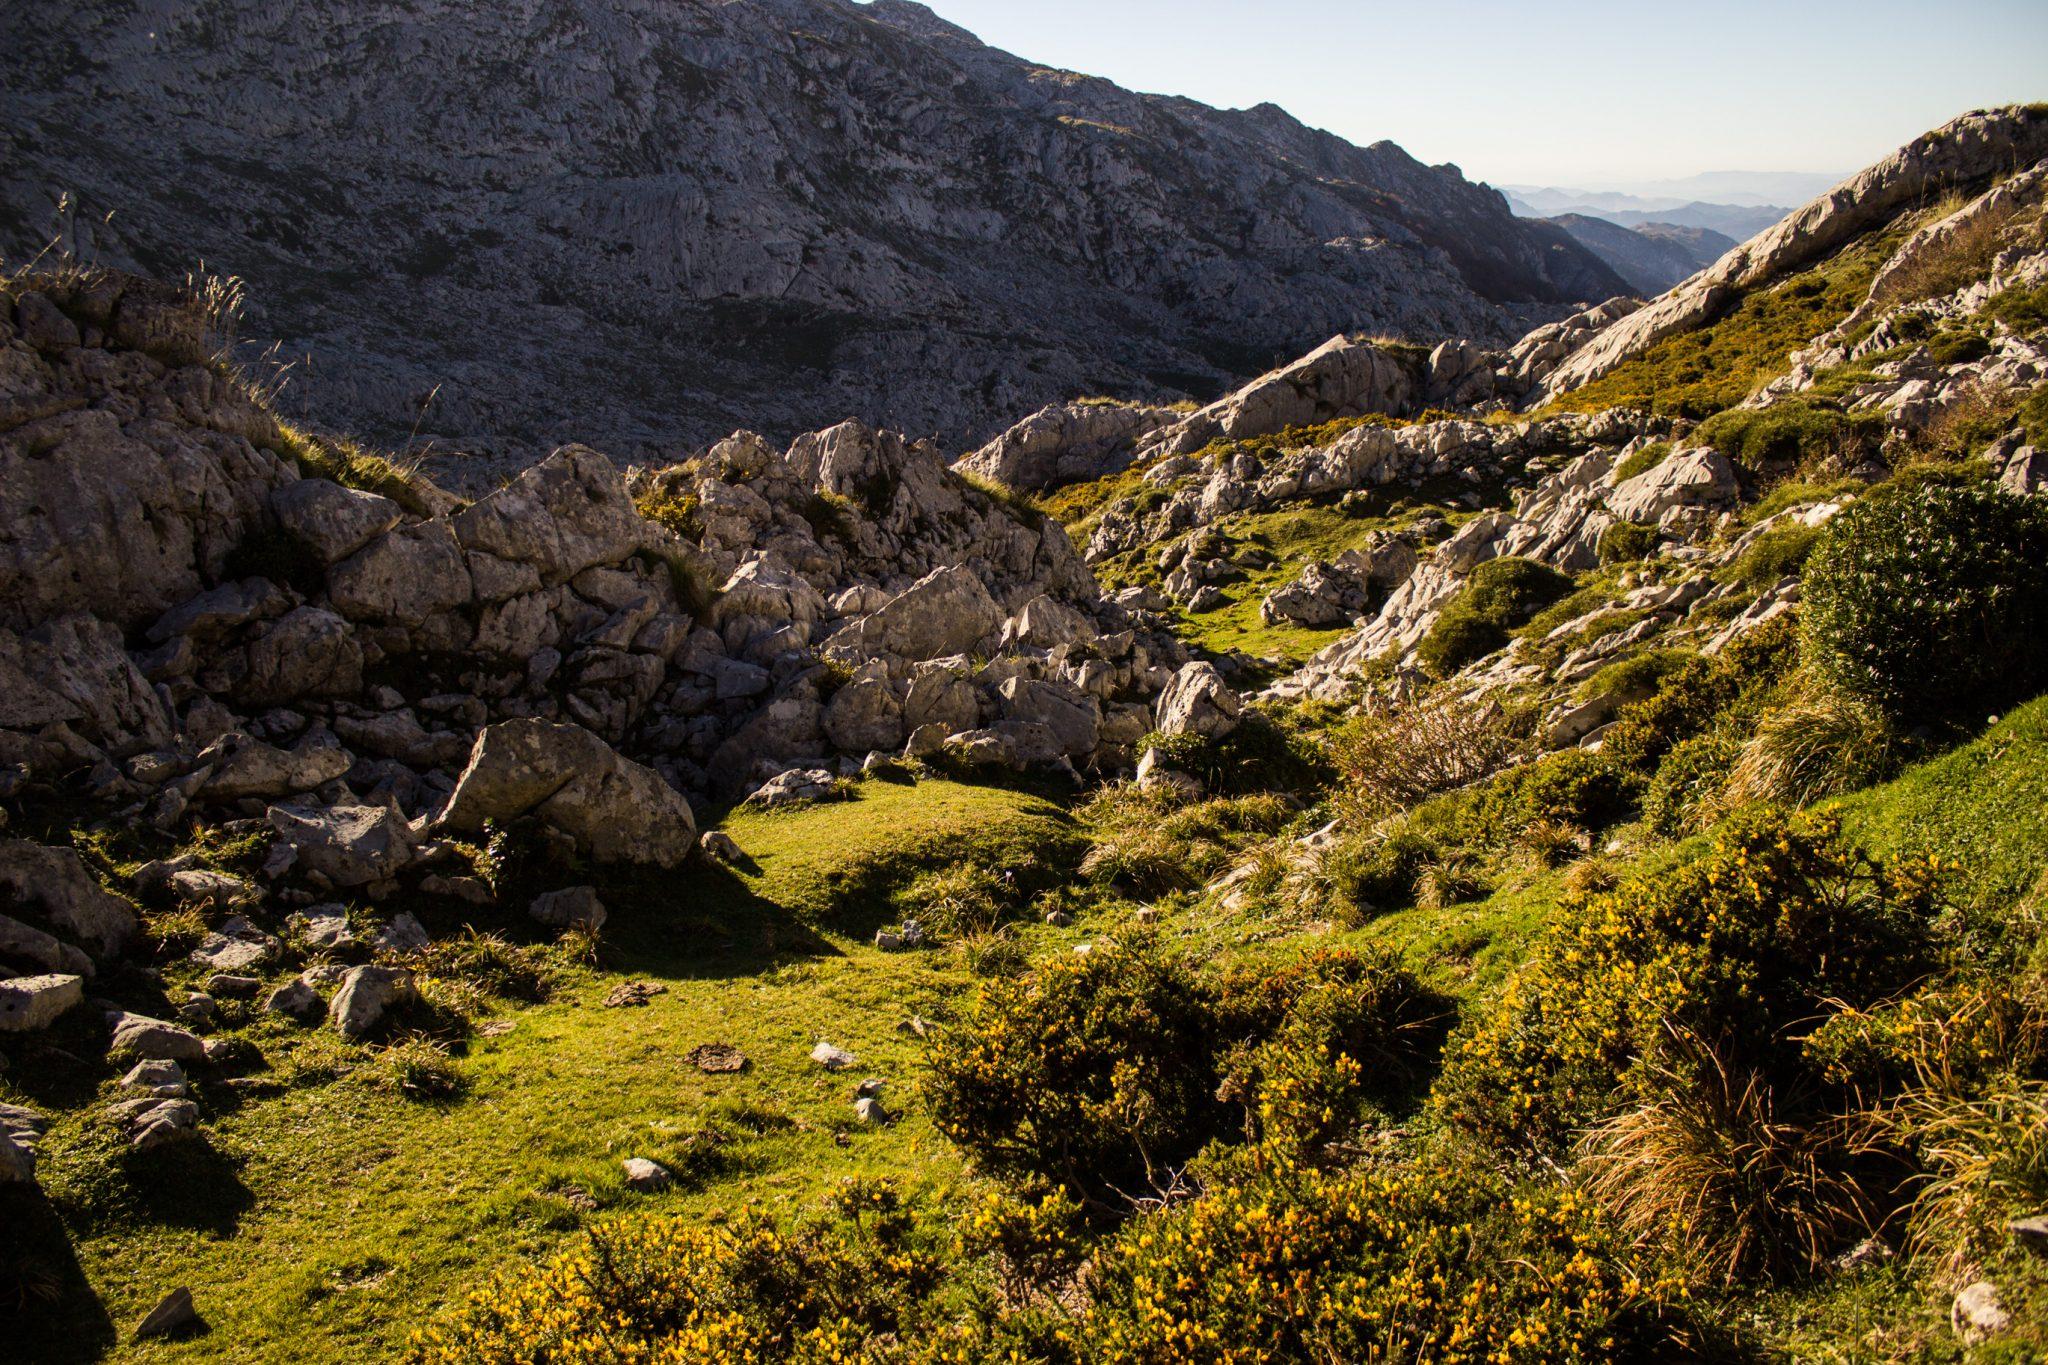 Wanderung Mirador de Ordiales Picos de Europa Spanien, saftig grüne Wiesen, Felsen und Steine, tollstes Wanderwetter Ende Oktober